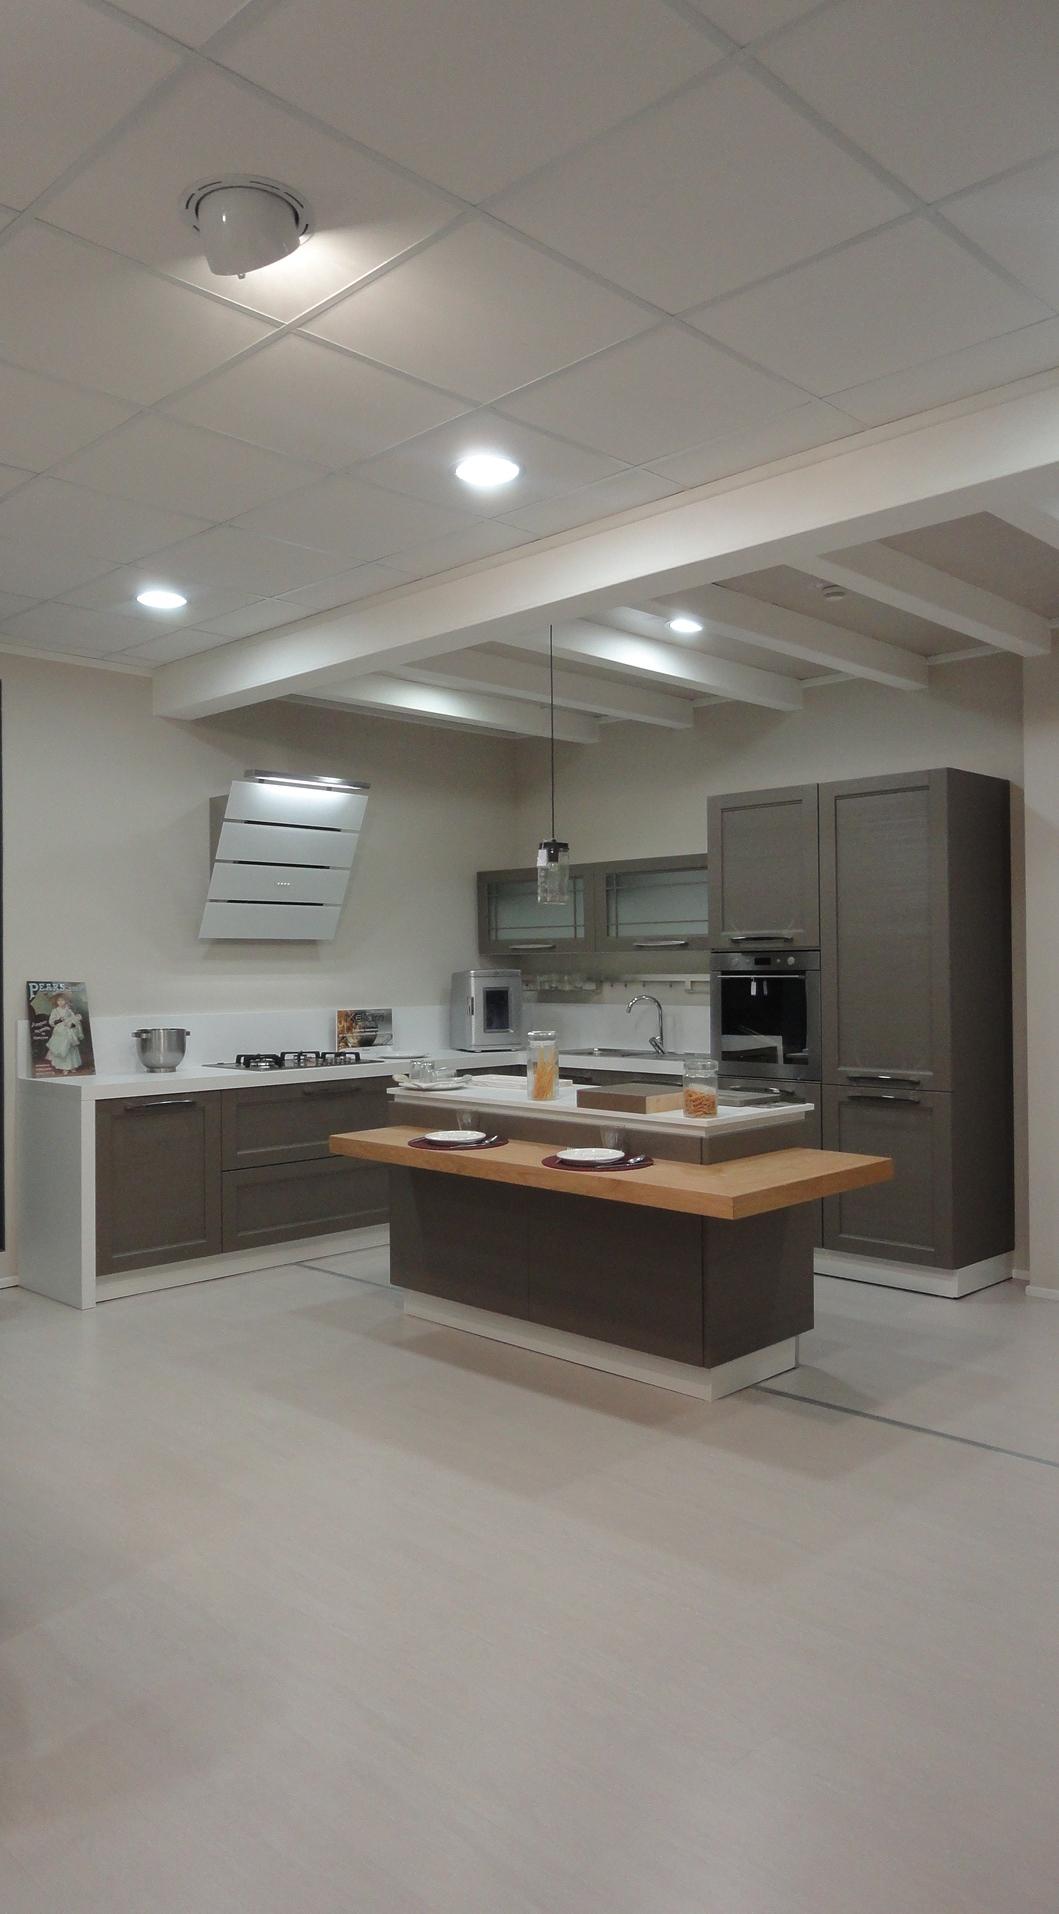 Cucina arrex 1 bianca inglese legno neutra cucine a - Cucina legno bianca ...